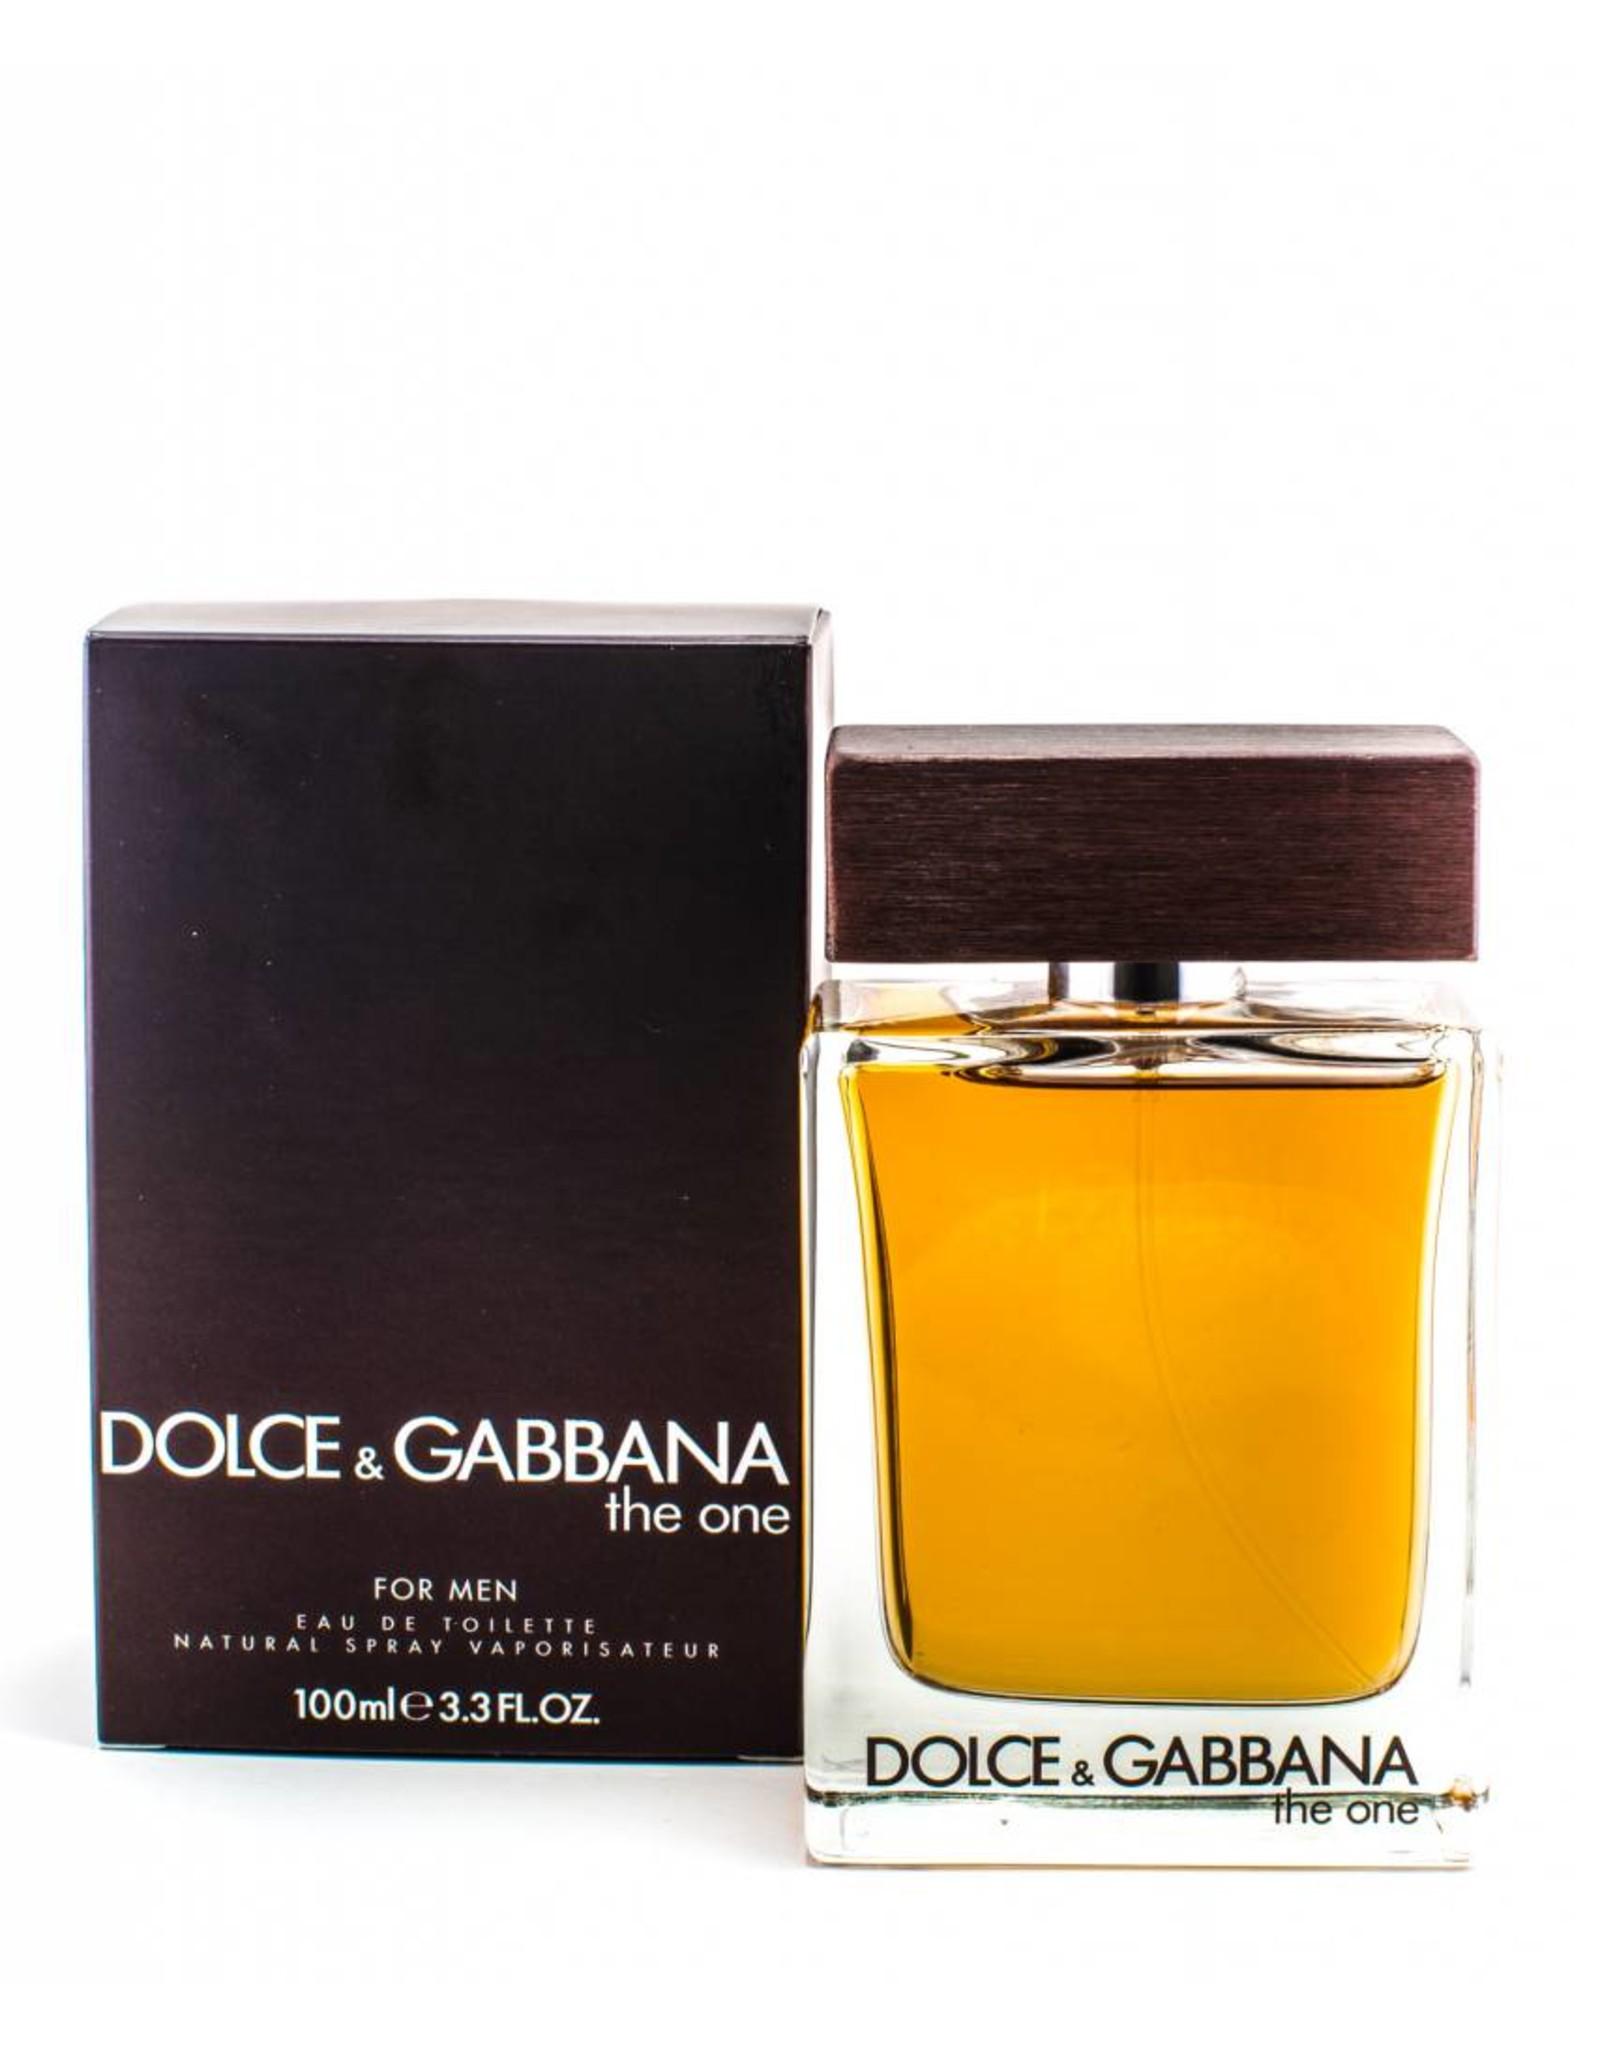 DOLCE & GABBANA DOLCE & GABBANA THE ONE FOR MEN